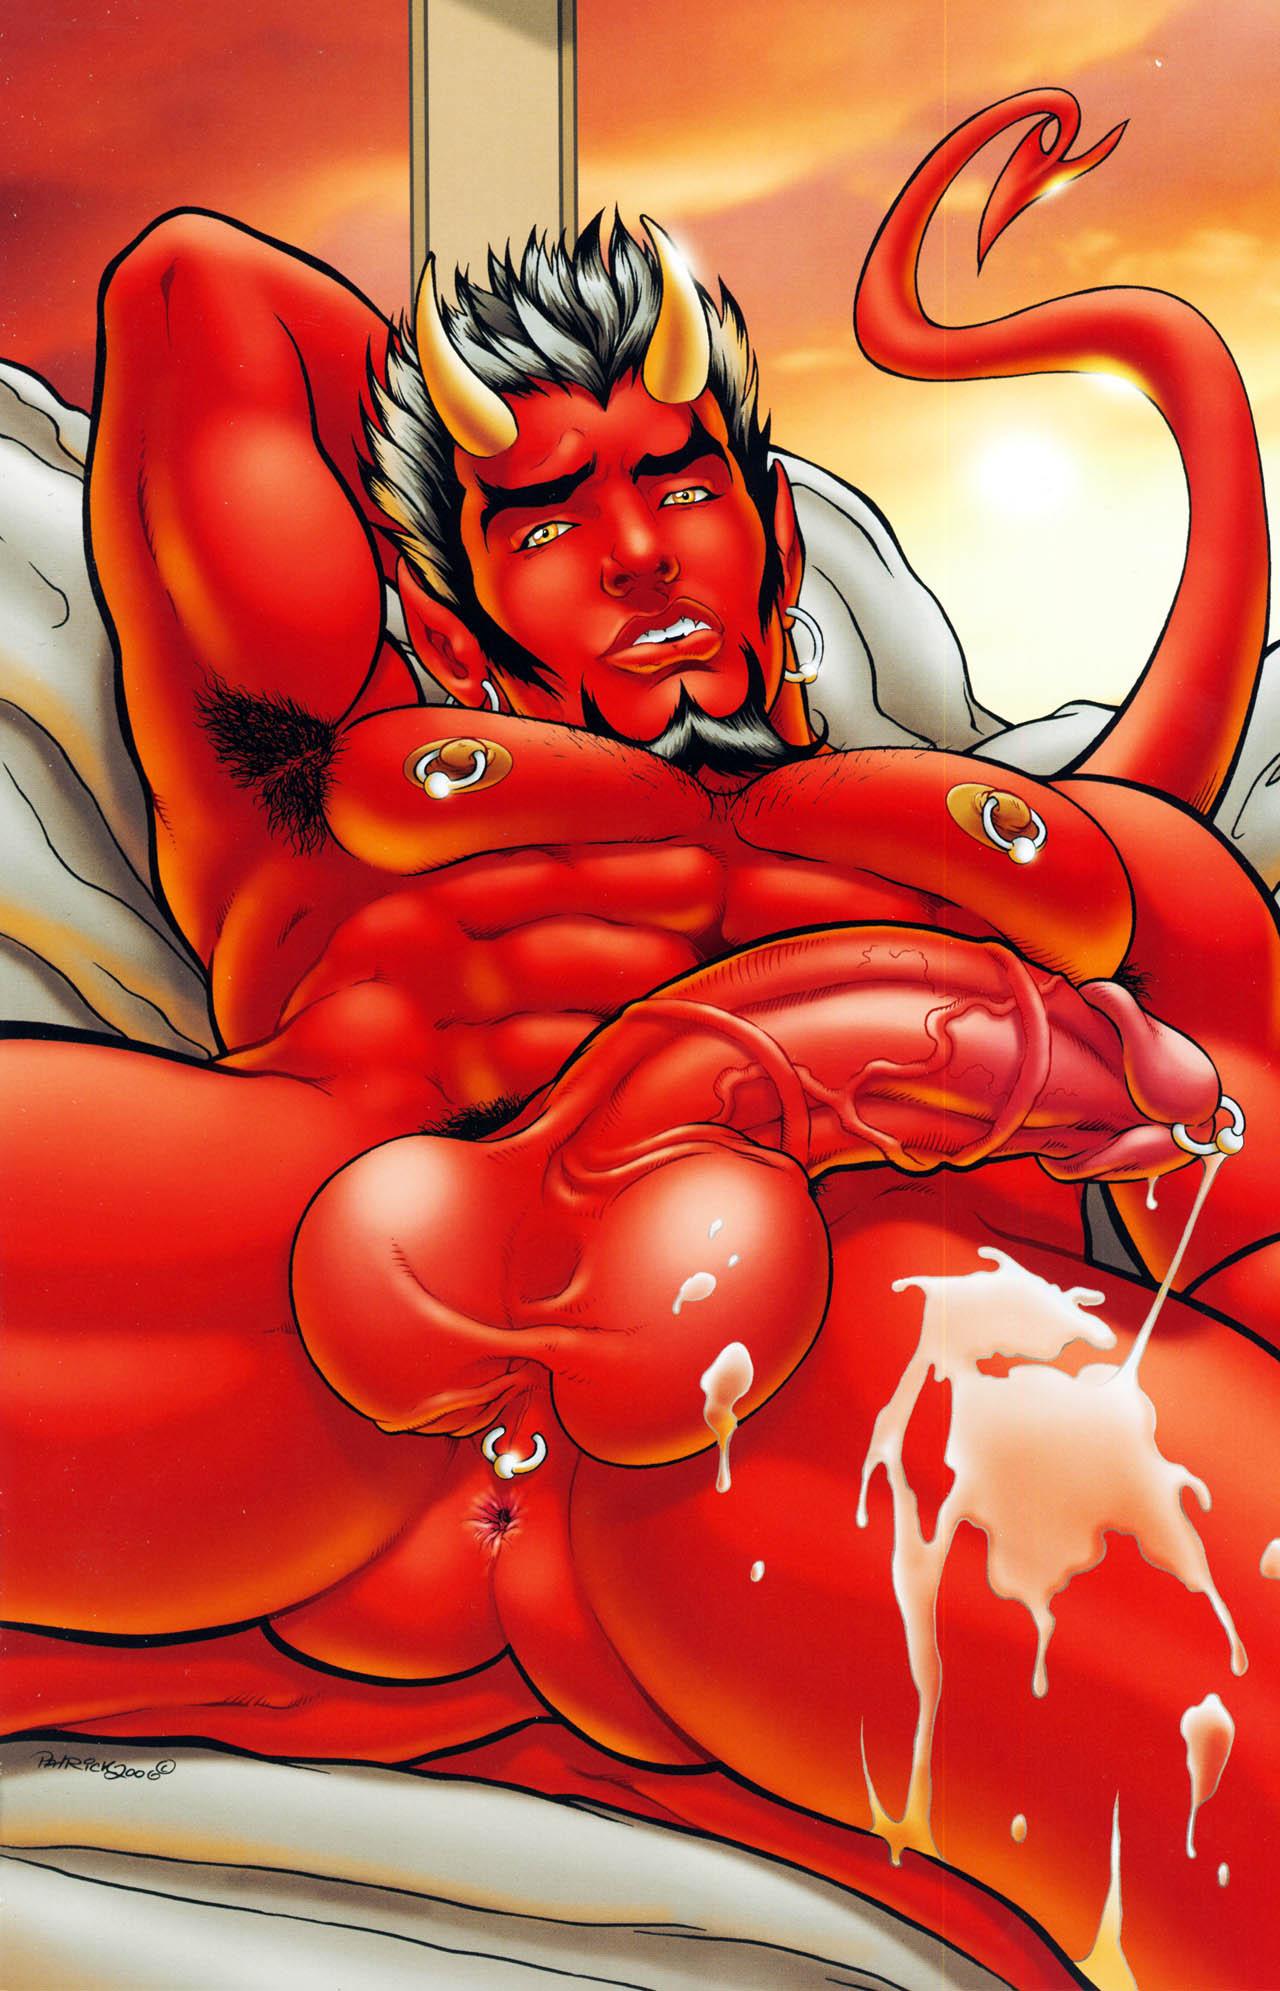 Avatar Gay Sex meth sex fantasy #2 journal   paulgoree's weblog